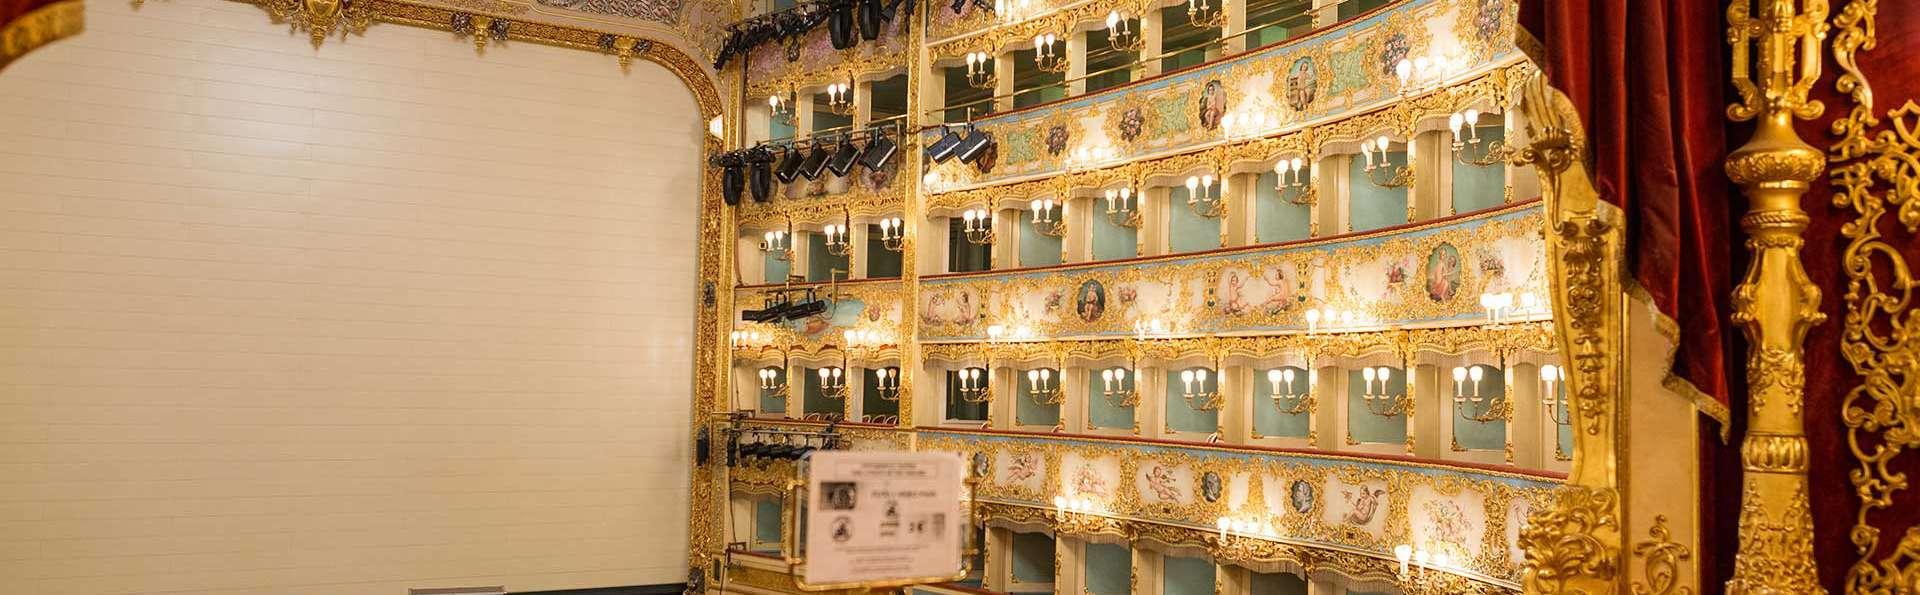 Hôtel 4* moderne entre Mestre et Venise avec entrée au célèbre théâtre La Fenice